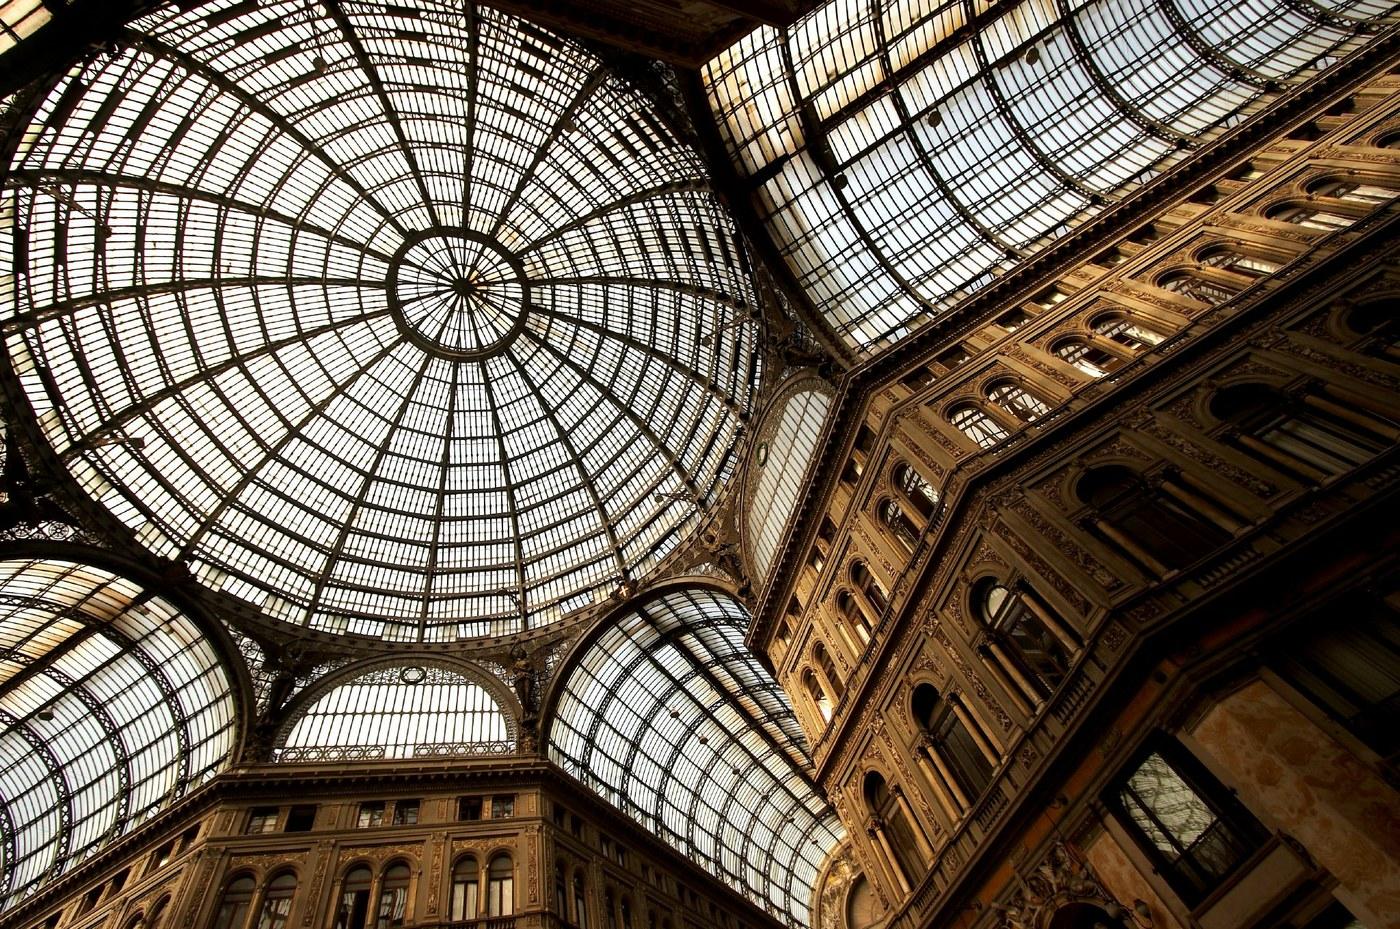 Naples - Galleria Umberto I